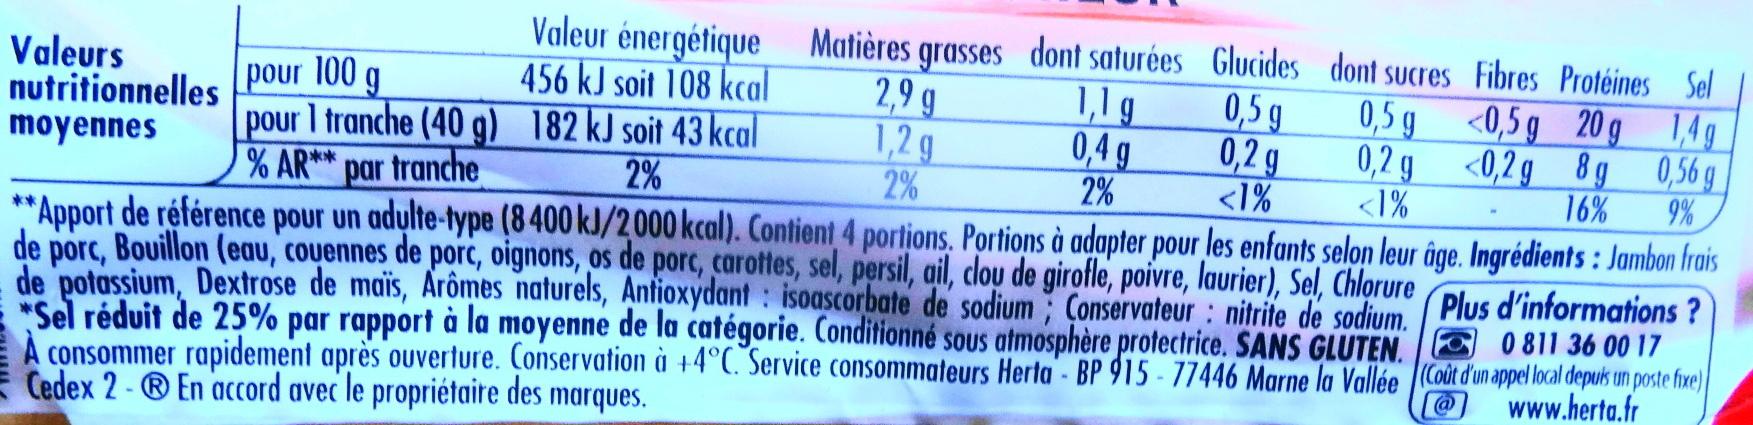 Tendre Noix, Supérieur (- 25 % de Sel) - Ingrédients